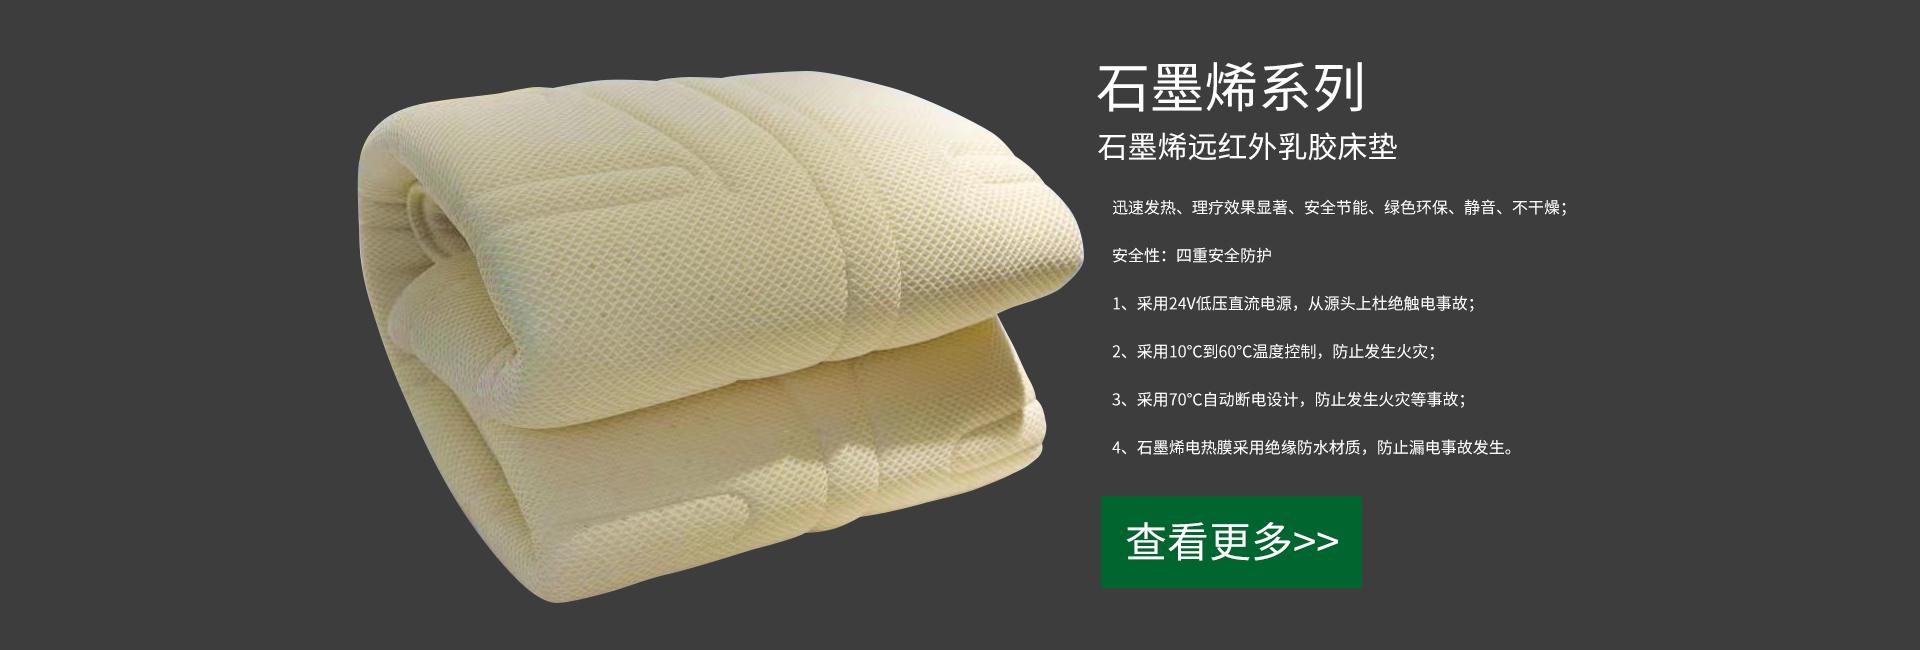 石墨烯远红外乳胶床垫